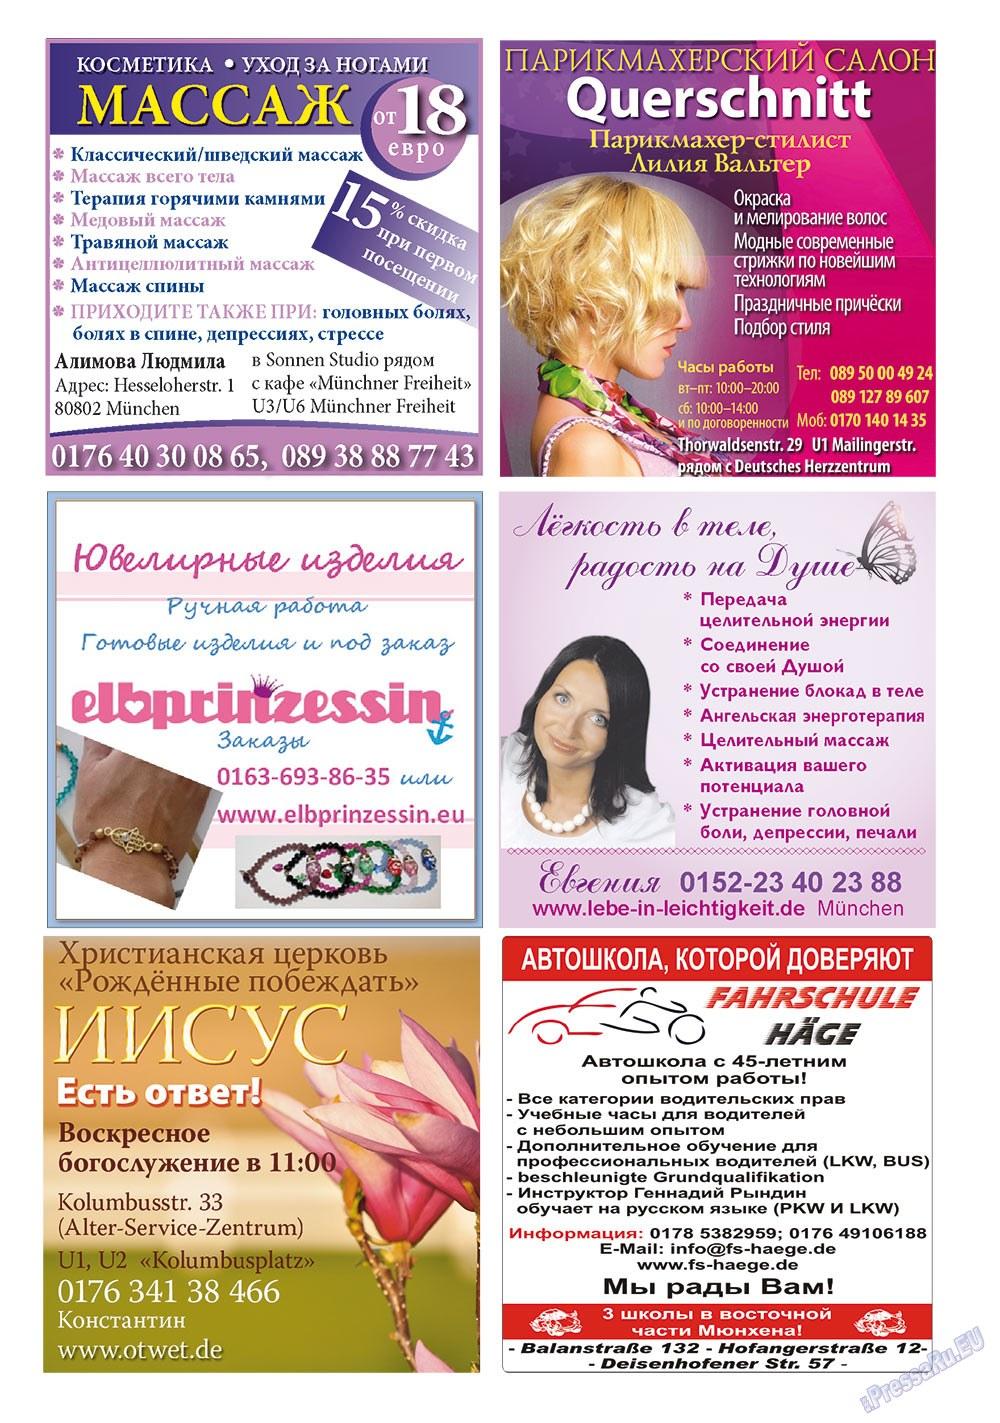 Апельсин (журнал). 2011 год, номер 27, стр. 15